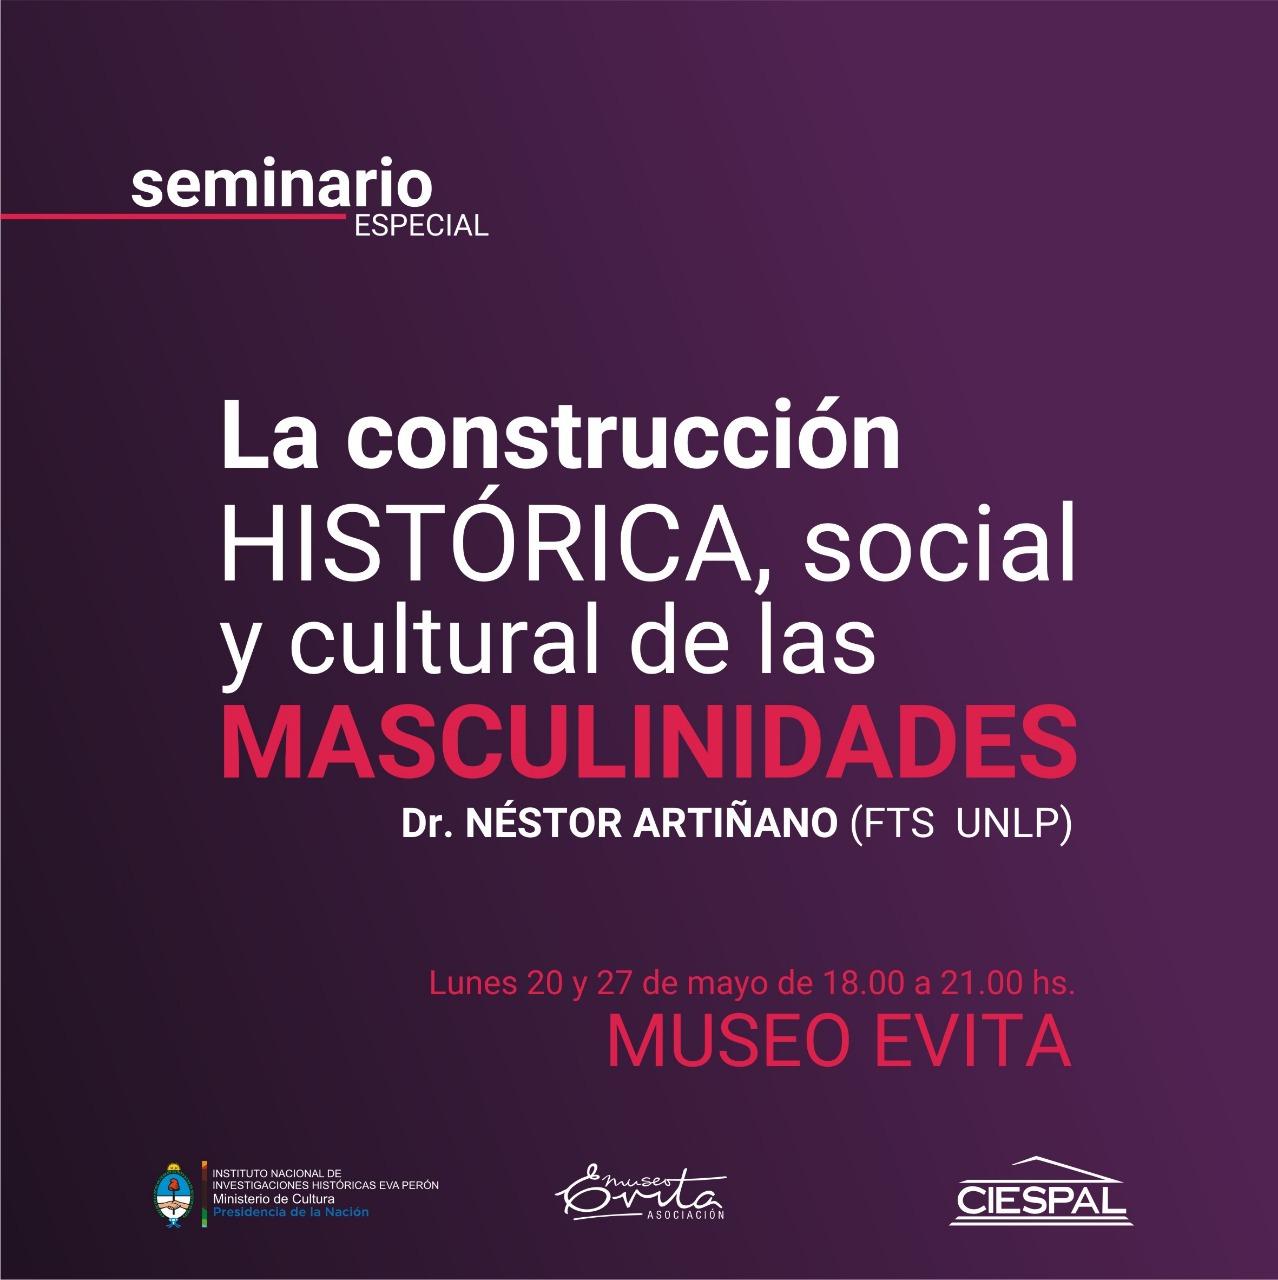 Seminario especial: La construcción histórica, social y cultural de las masculinidades